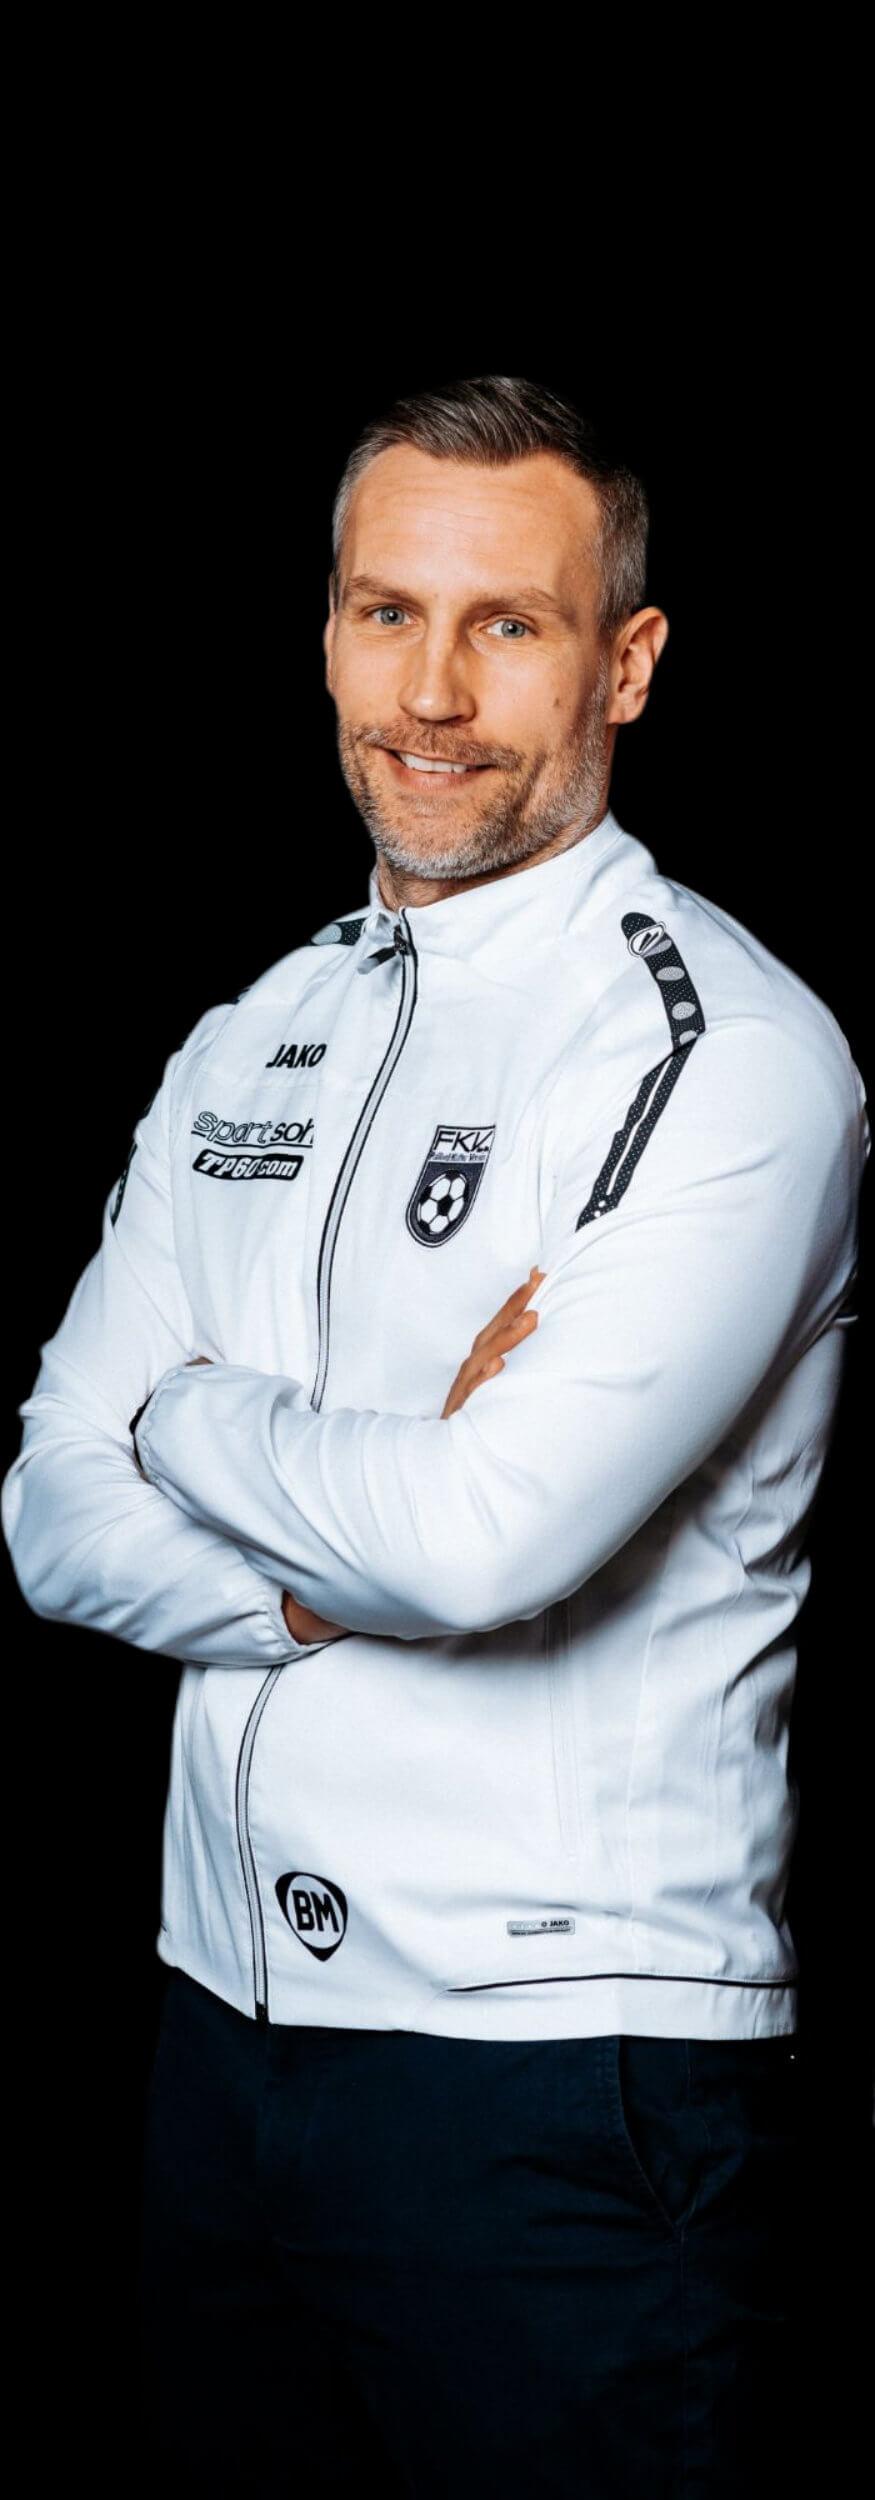 Timo Wenzel steht im FKV-Anzug